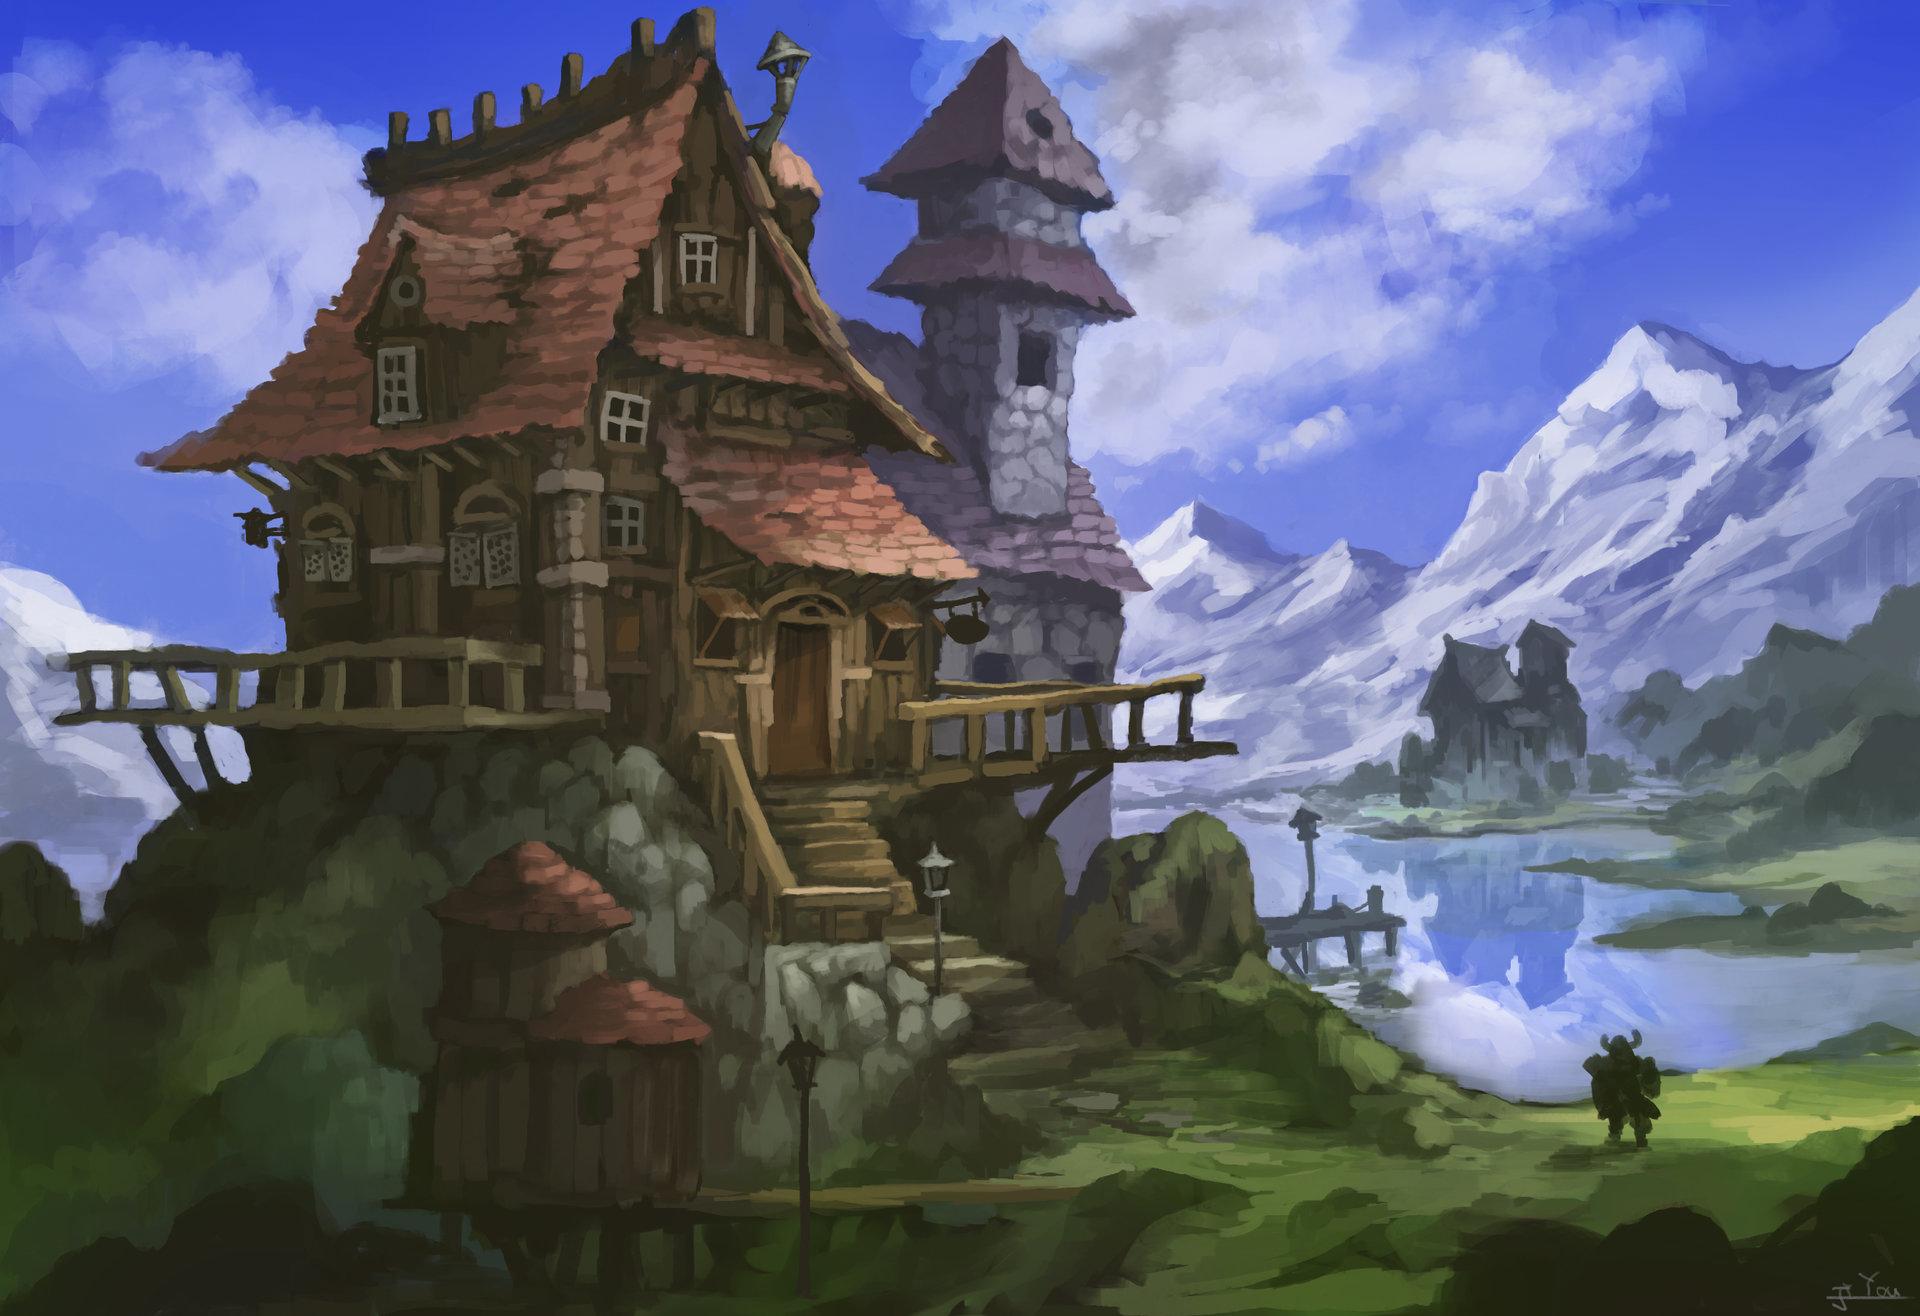 ArtStation - Dwarf house, ji you zhong